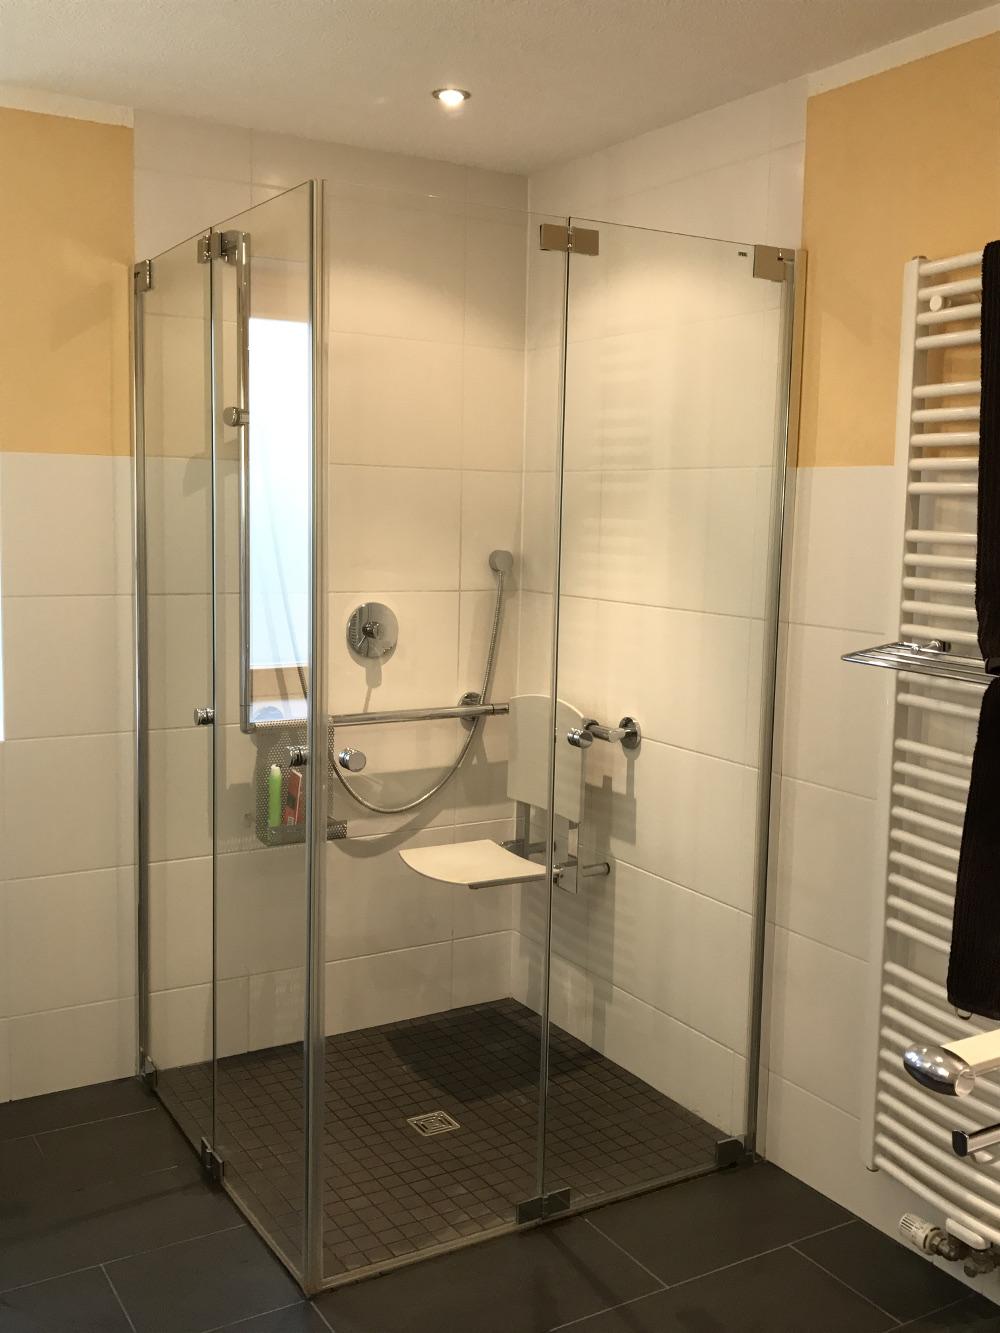 Die Glastüre schliest leicht und lässt genügend Platz zum Duschen